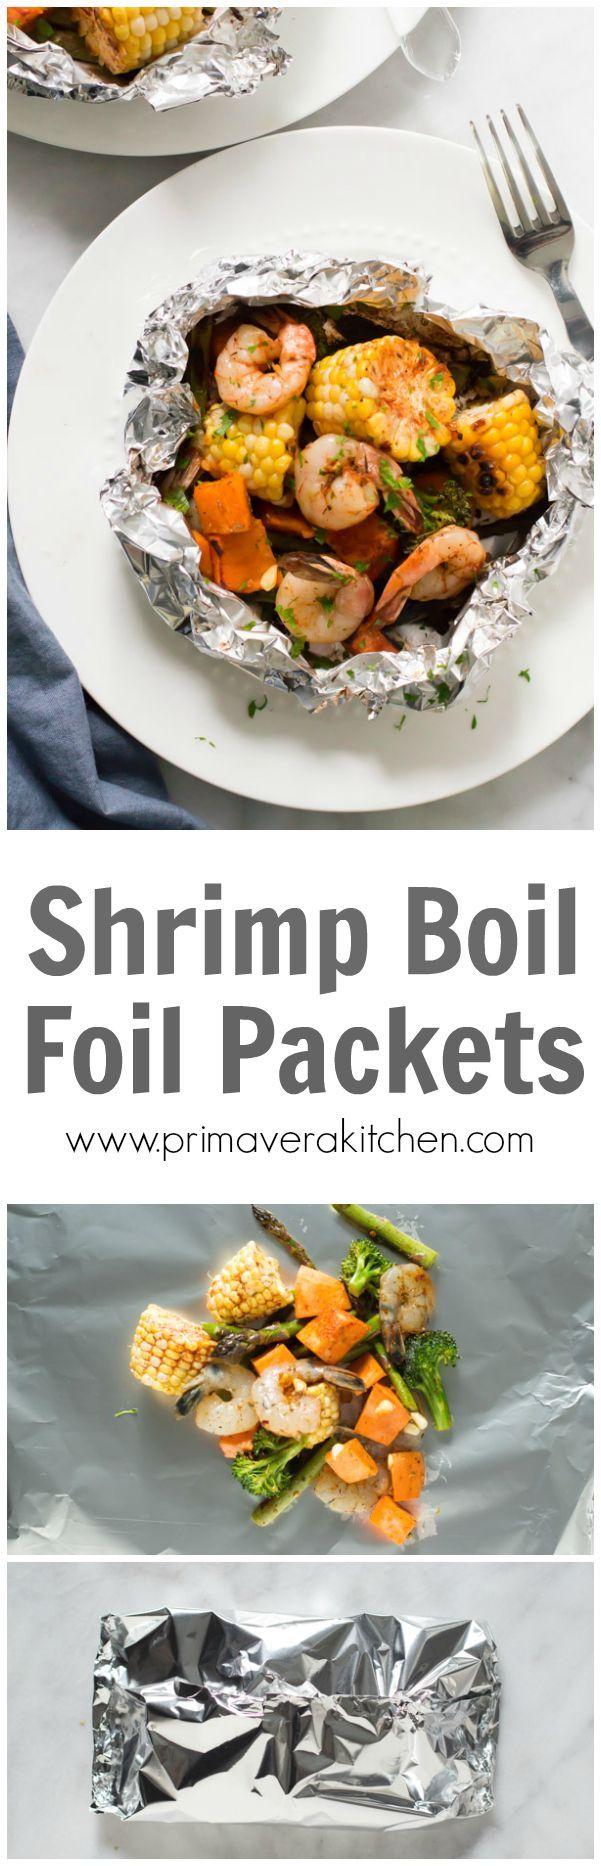 25 best shrimp boil foil packs ideas on pinterest hobo for Fish foil packets oven